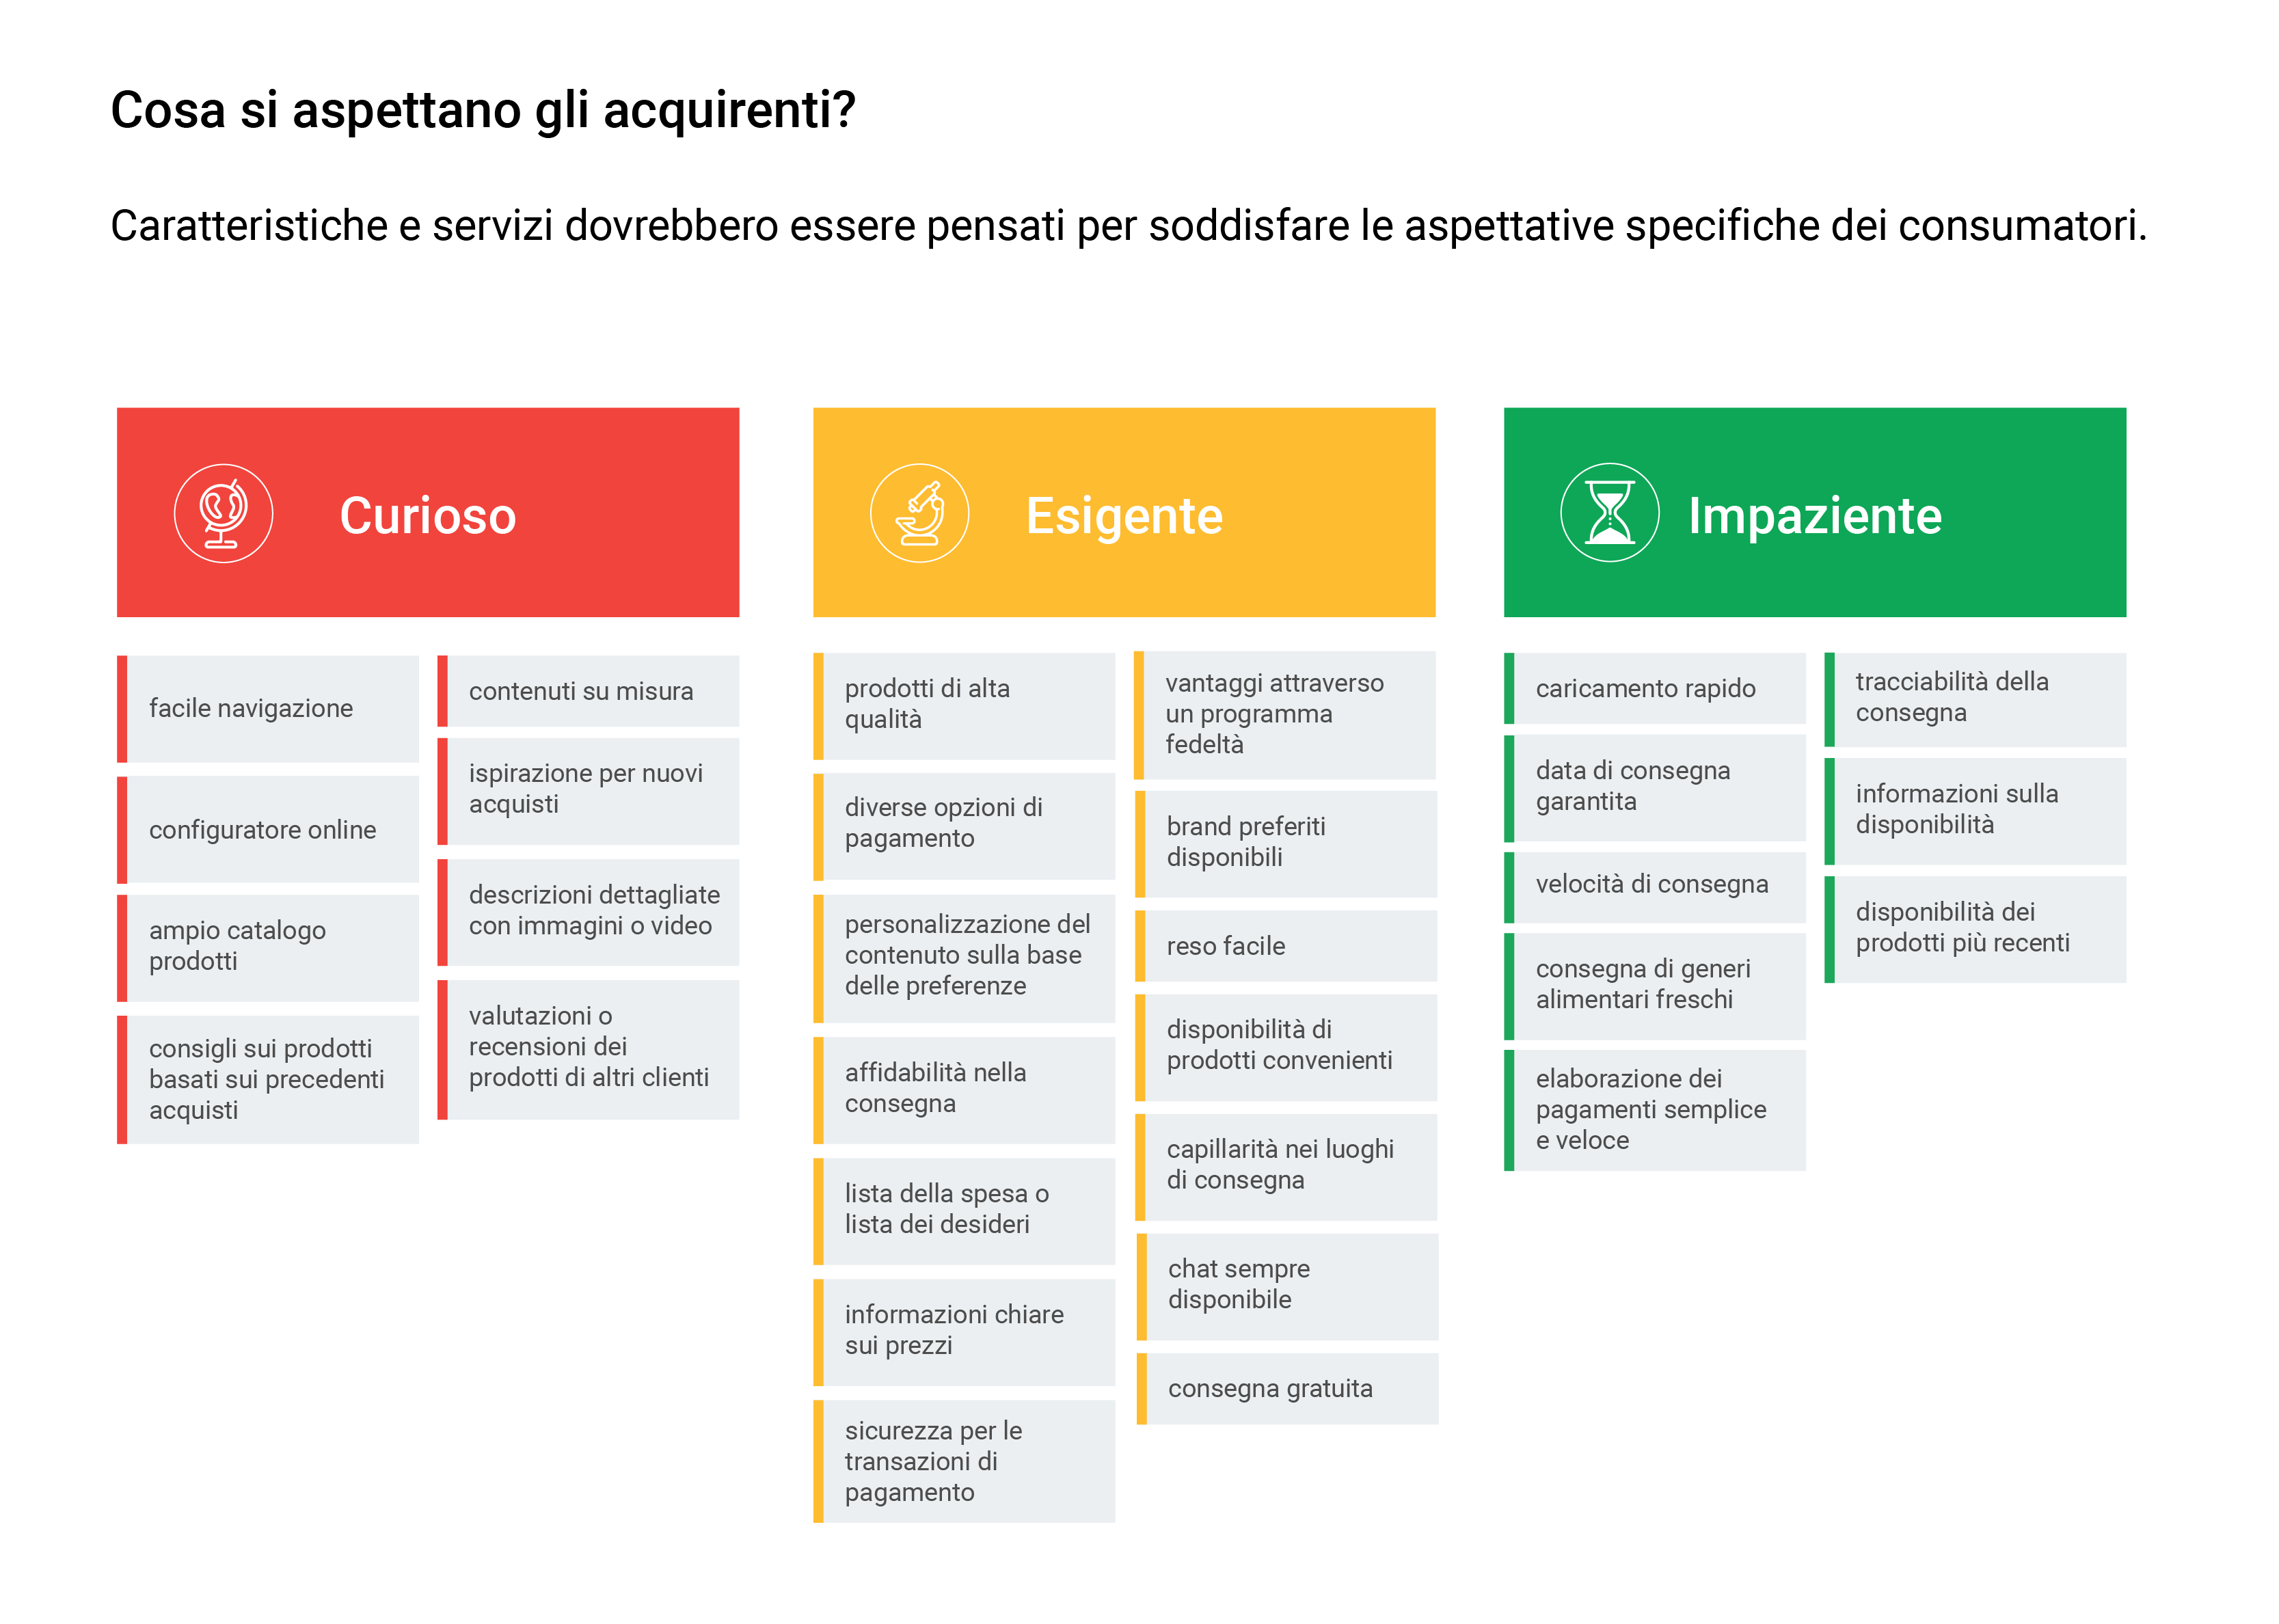 ecommerce: caratteristiche e servizi che deve avere oggi un e-commerce